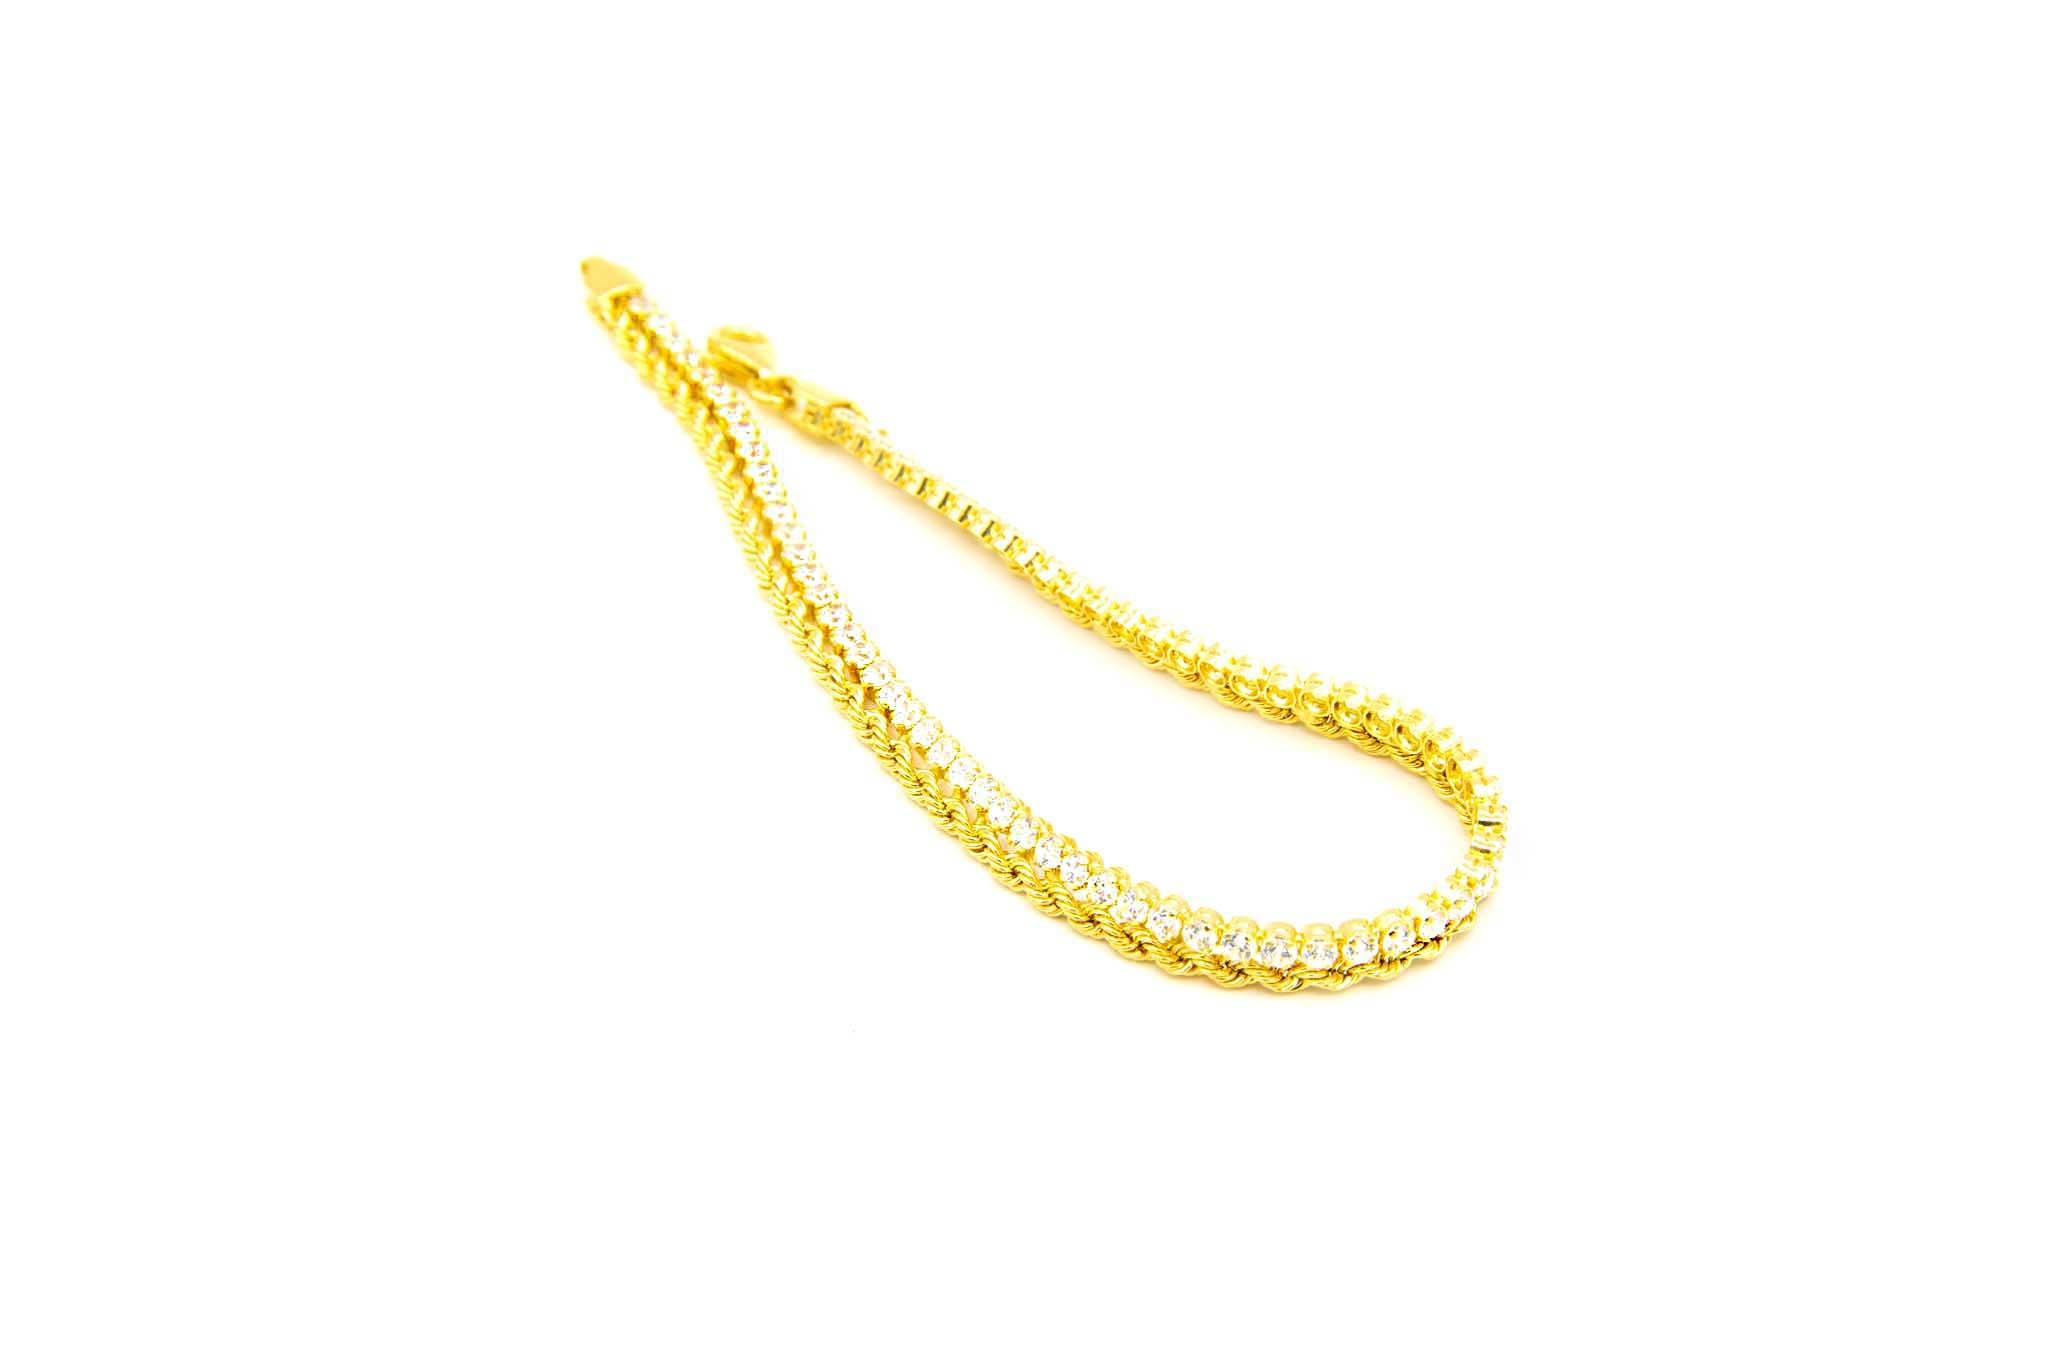 Armband 1 rope chain en 1 zirkonia rij-4